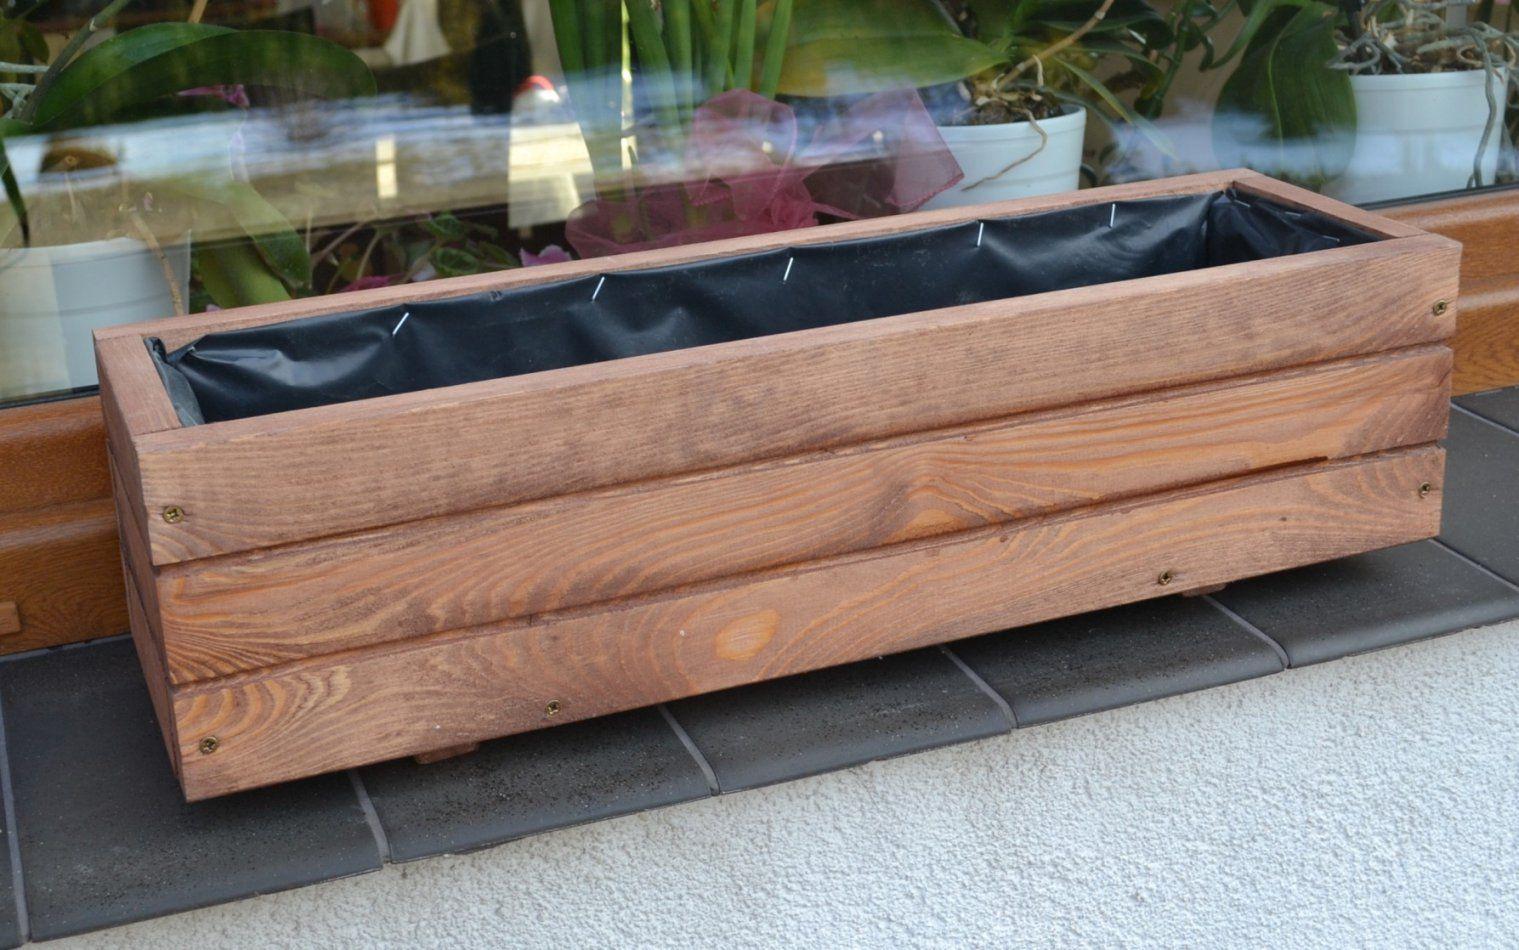 Pflanzkübel Holz D2 Pflanzkasten 80 100 Cm Xxl Blumenkasten Avec von Pflanzkübel Selber Bauen Holz Photo